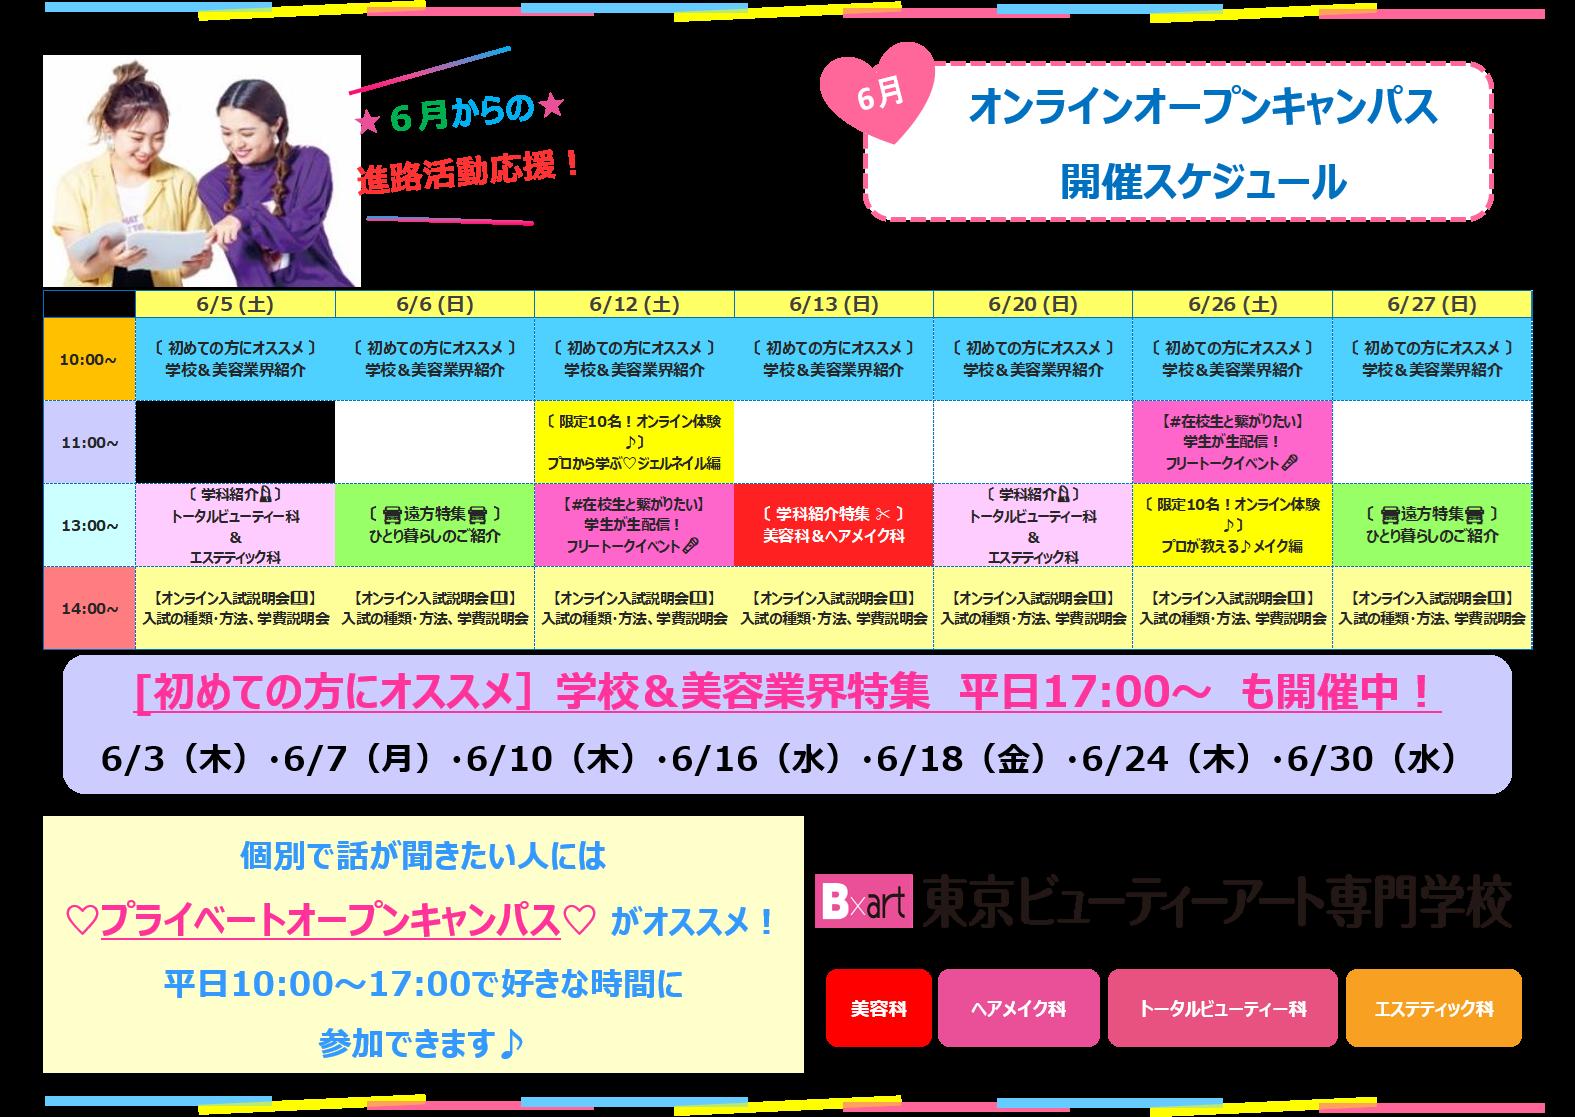 online_schedule_6.png